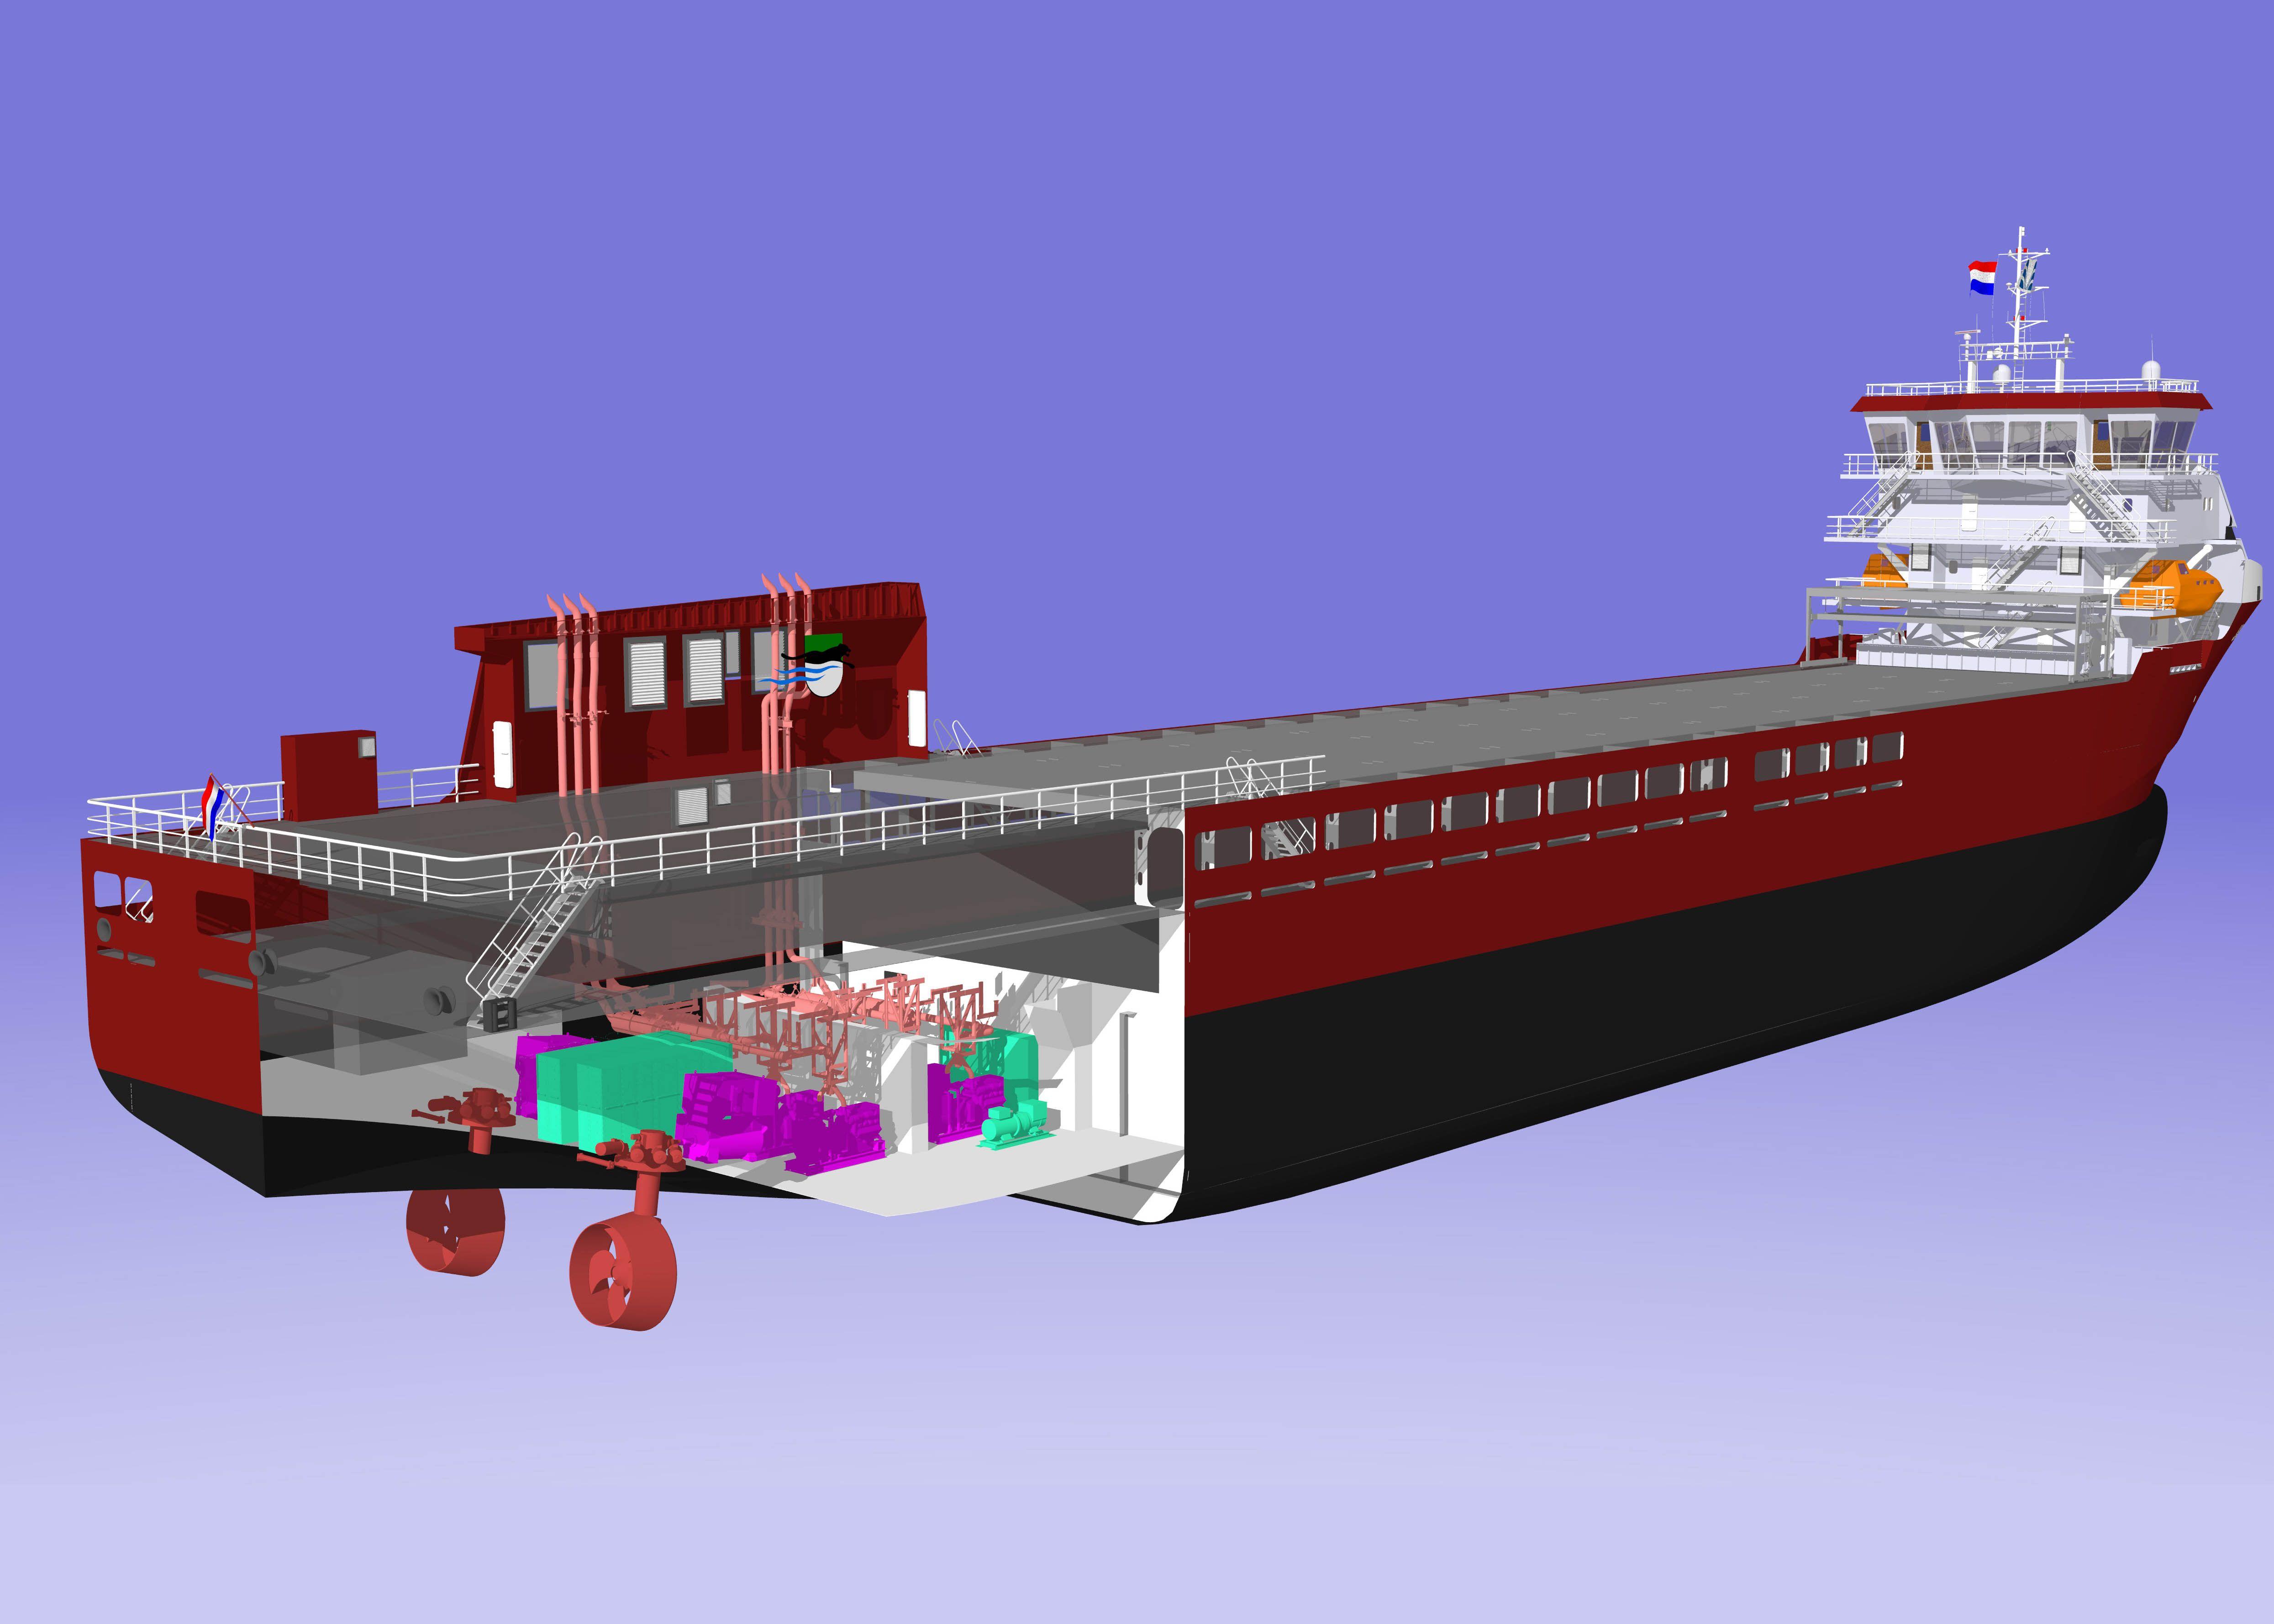 Cargo Ship Blueprint : Vg e cargo ship design new pinterest